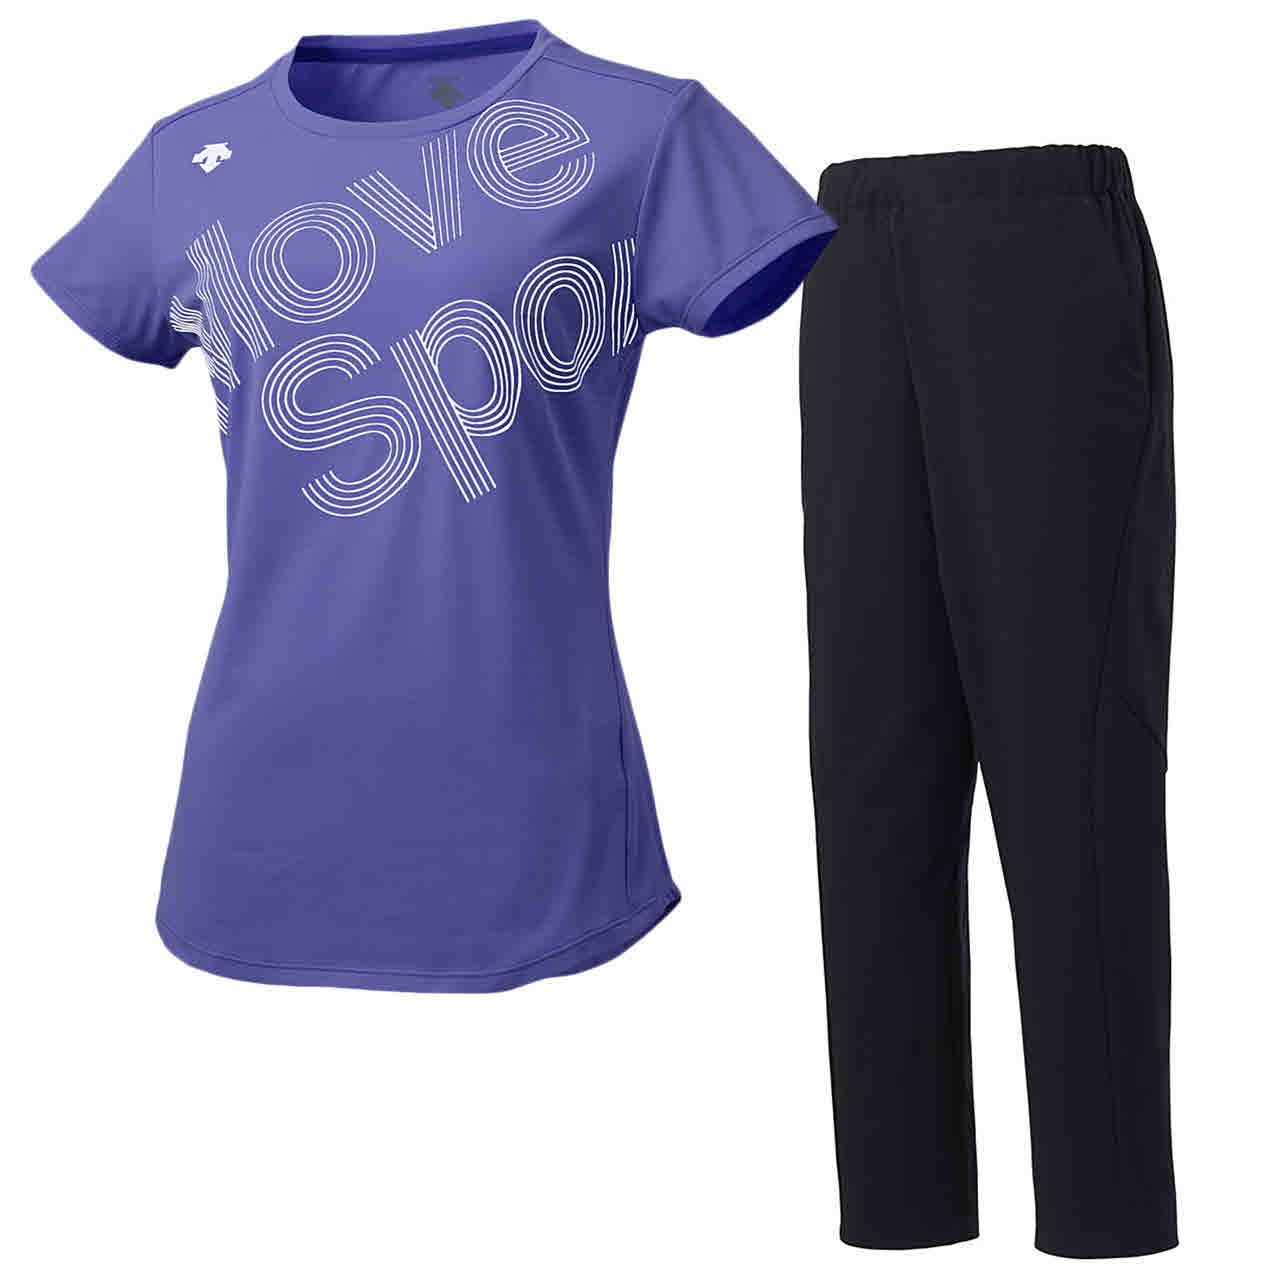 デサント DESCENTE レディース サンスクリーン 半袖Tシャツ&ロングパンツ上下セット パープル×ブラック